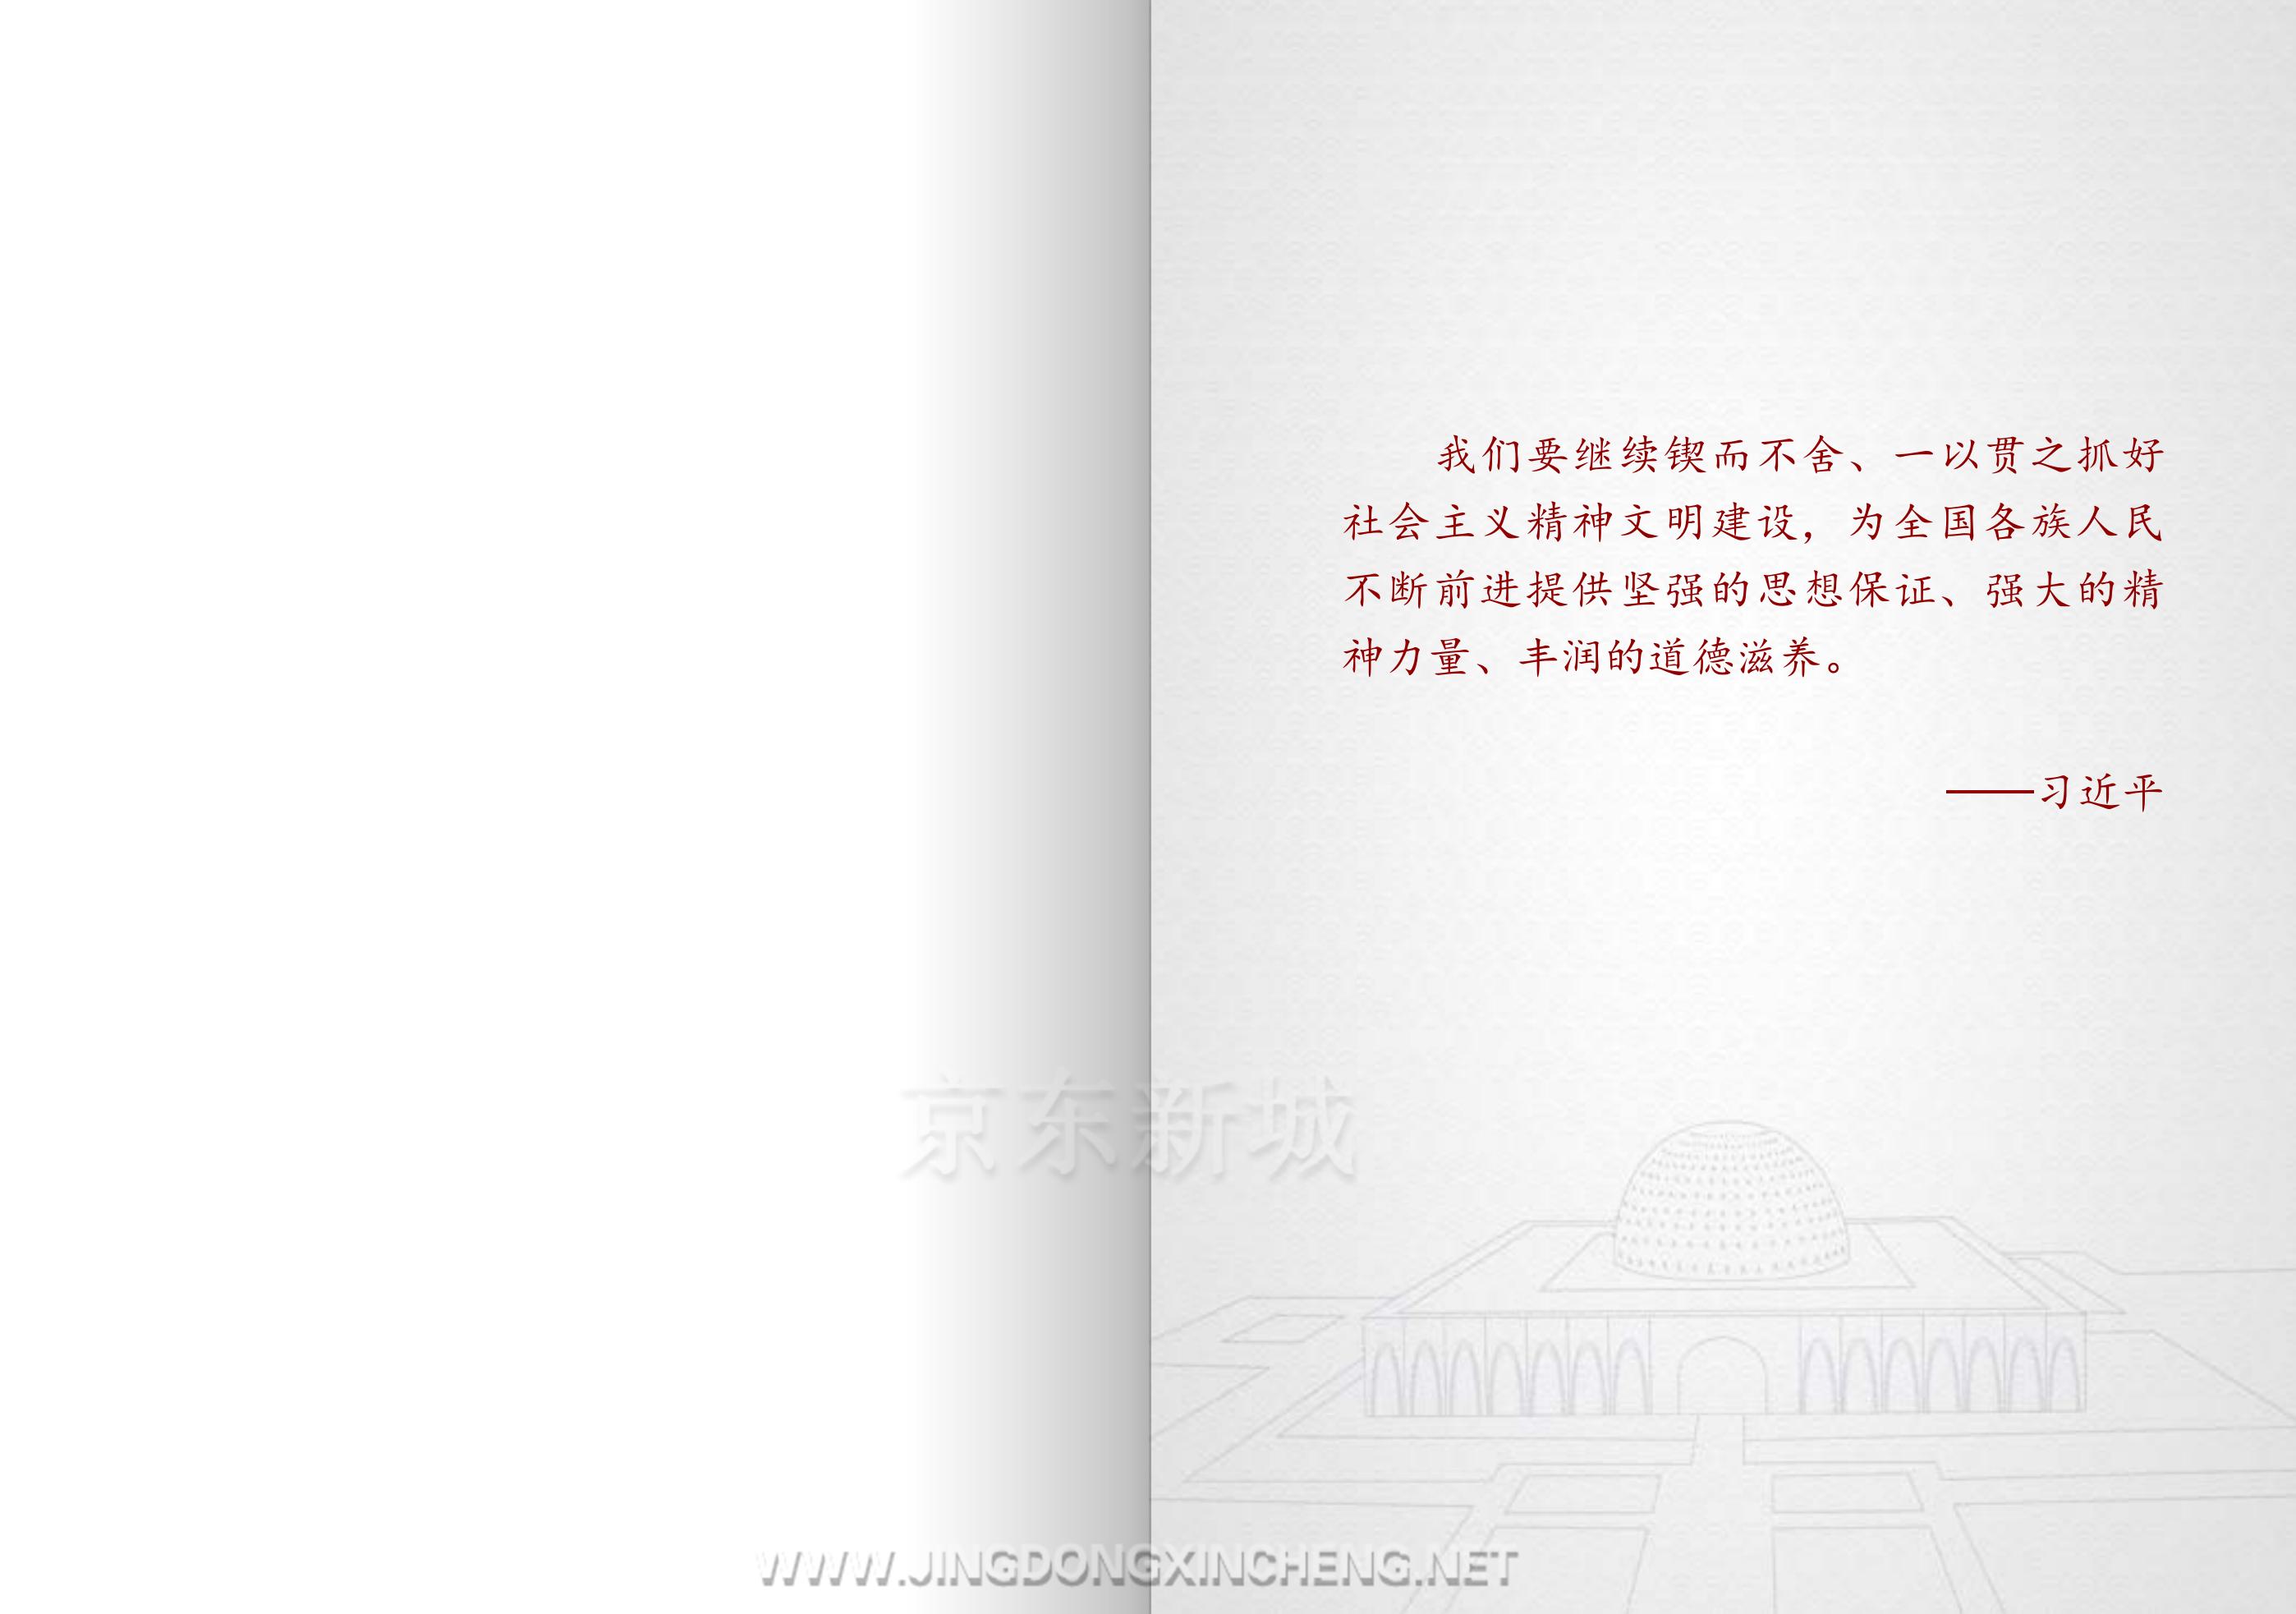 文明大厂书籍-定稿-上传版_02.png